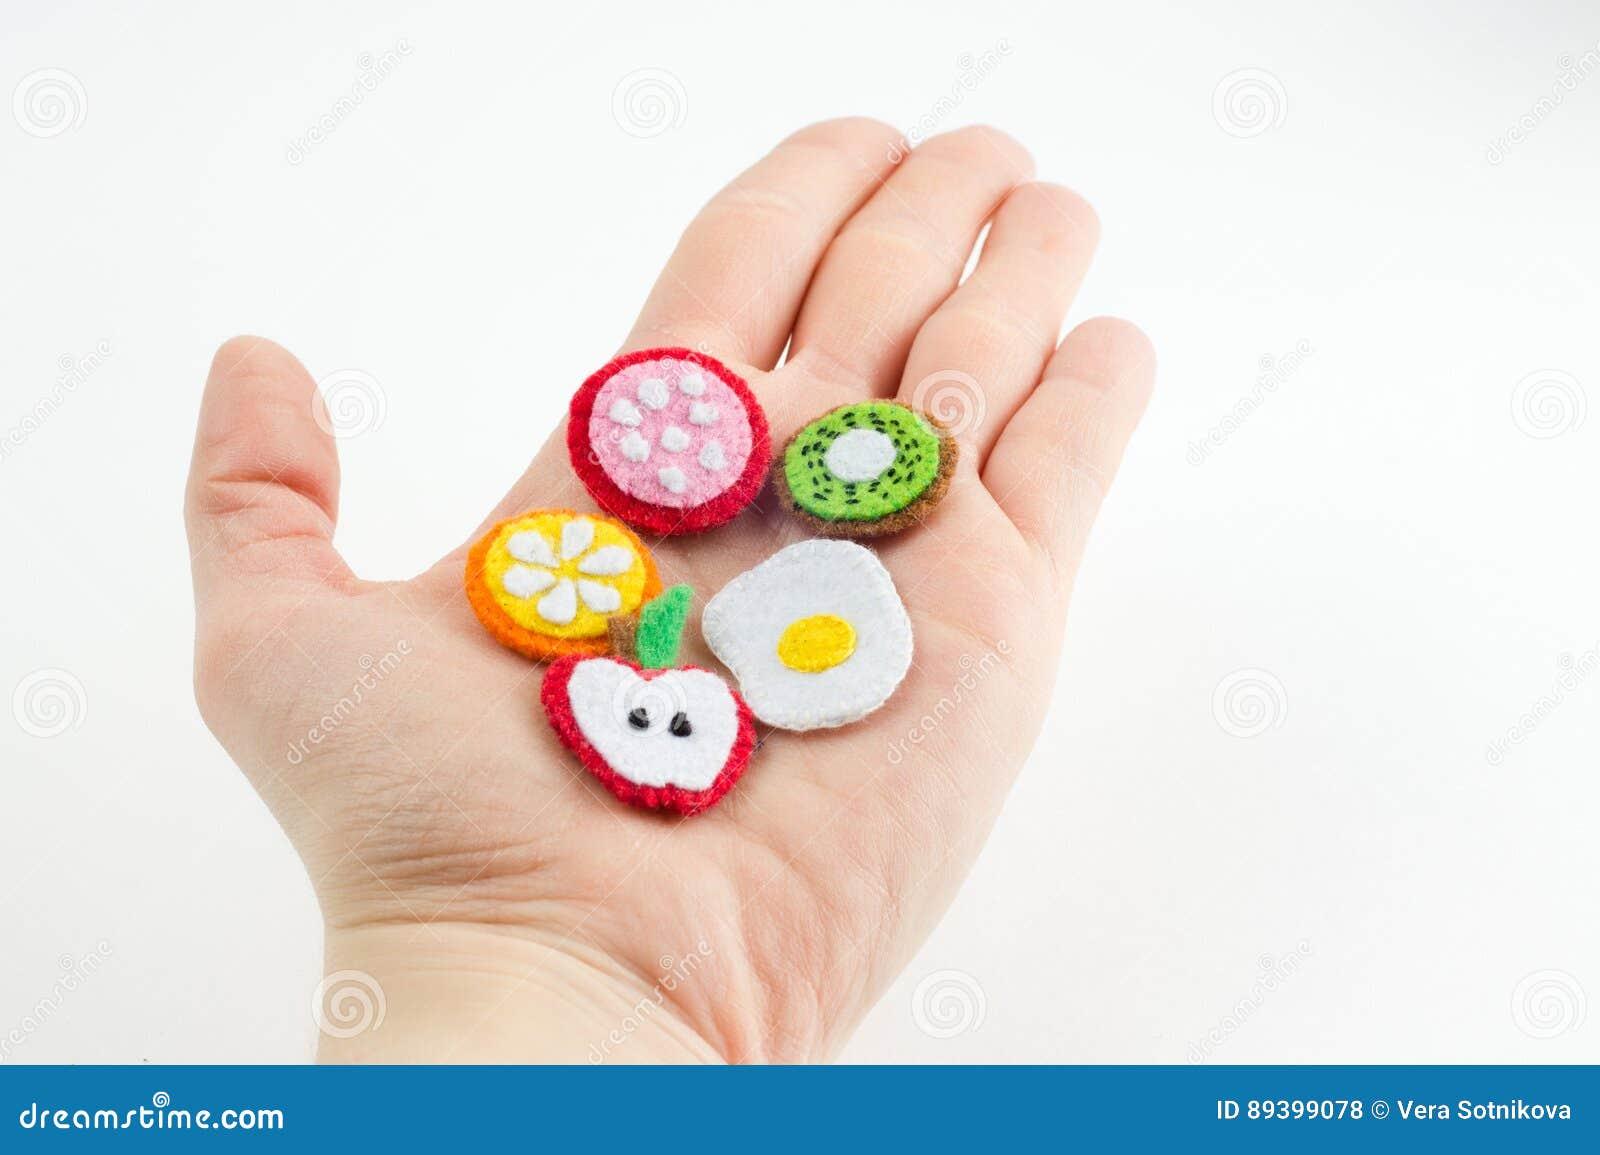 El juguete hecho a mano bajo la forma de frutas y la comida hecha del fieltro estiran